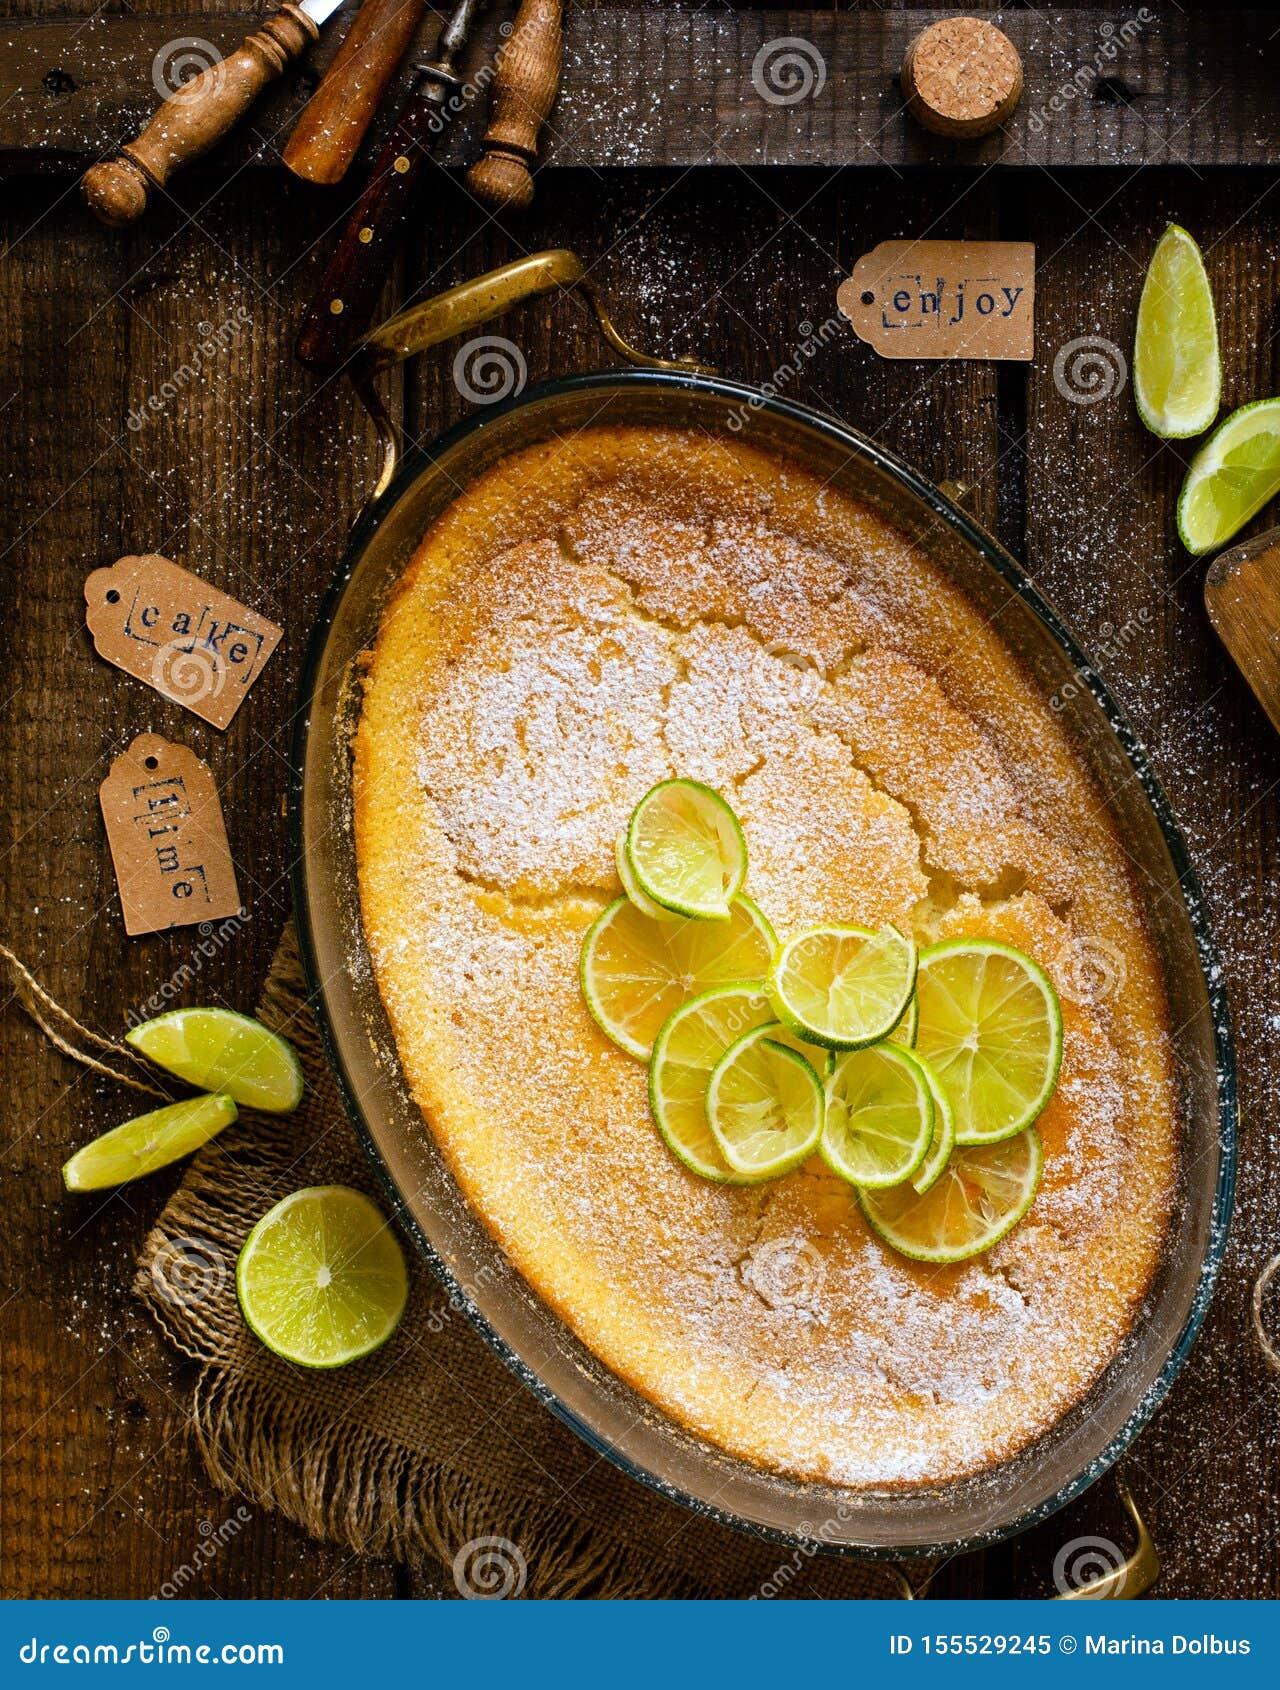 Över huvudet skott av den hemlagade eldfasta formen, pudding, ostkaka, syrligt, paj eller mousse med skivor av limefrukt överst i